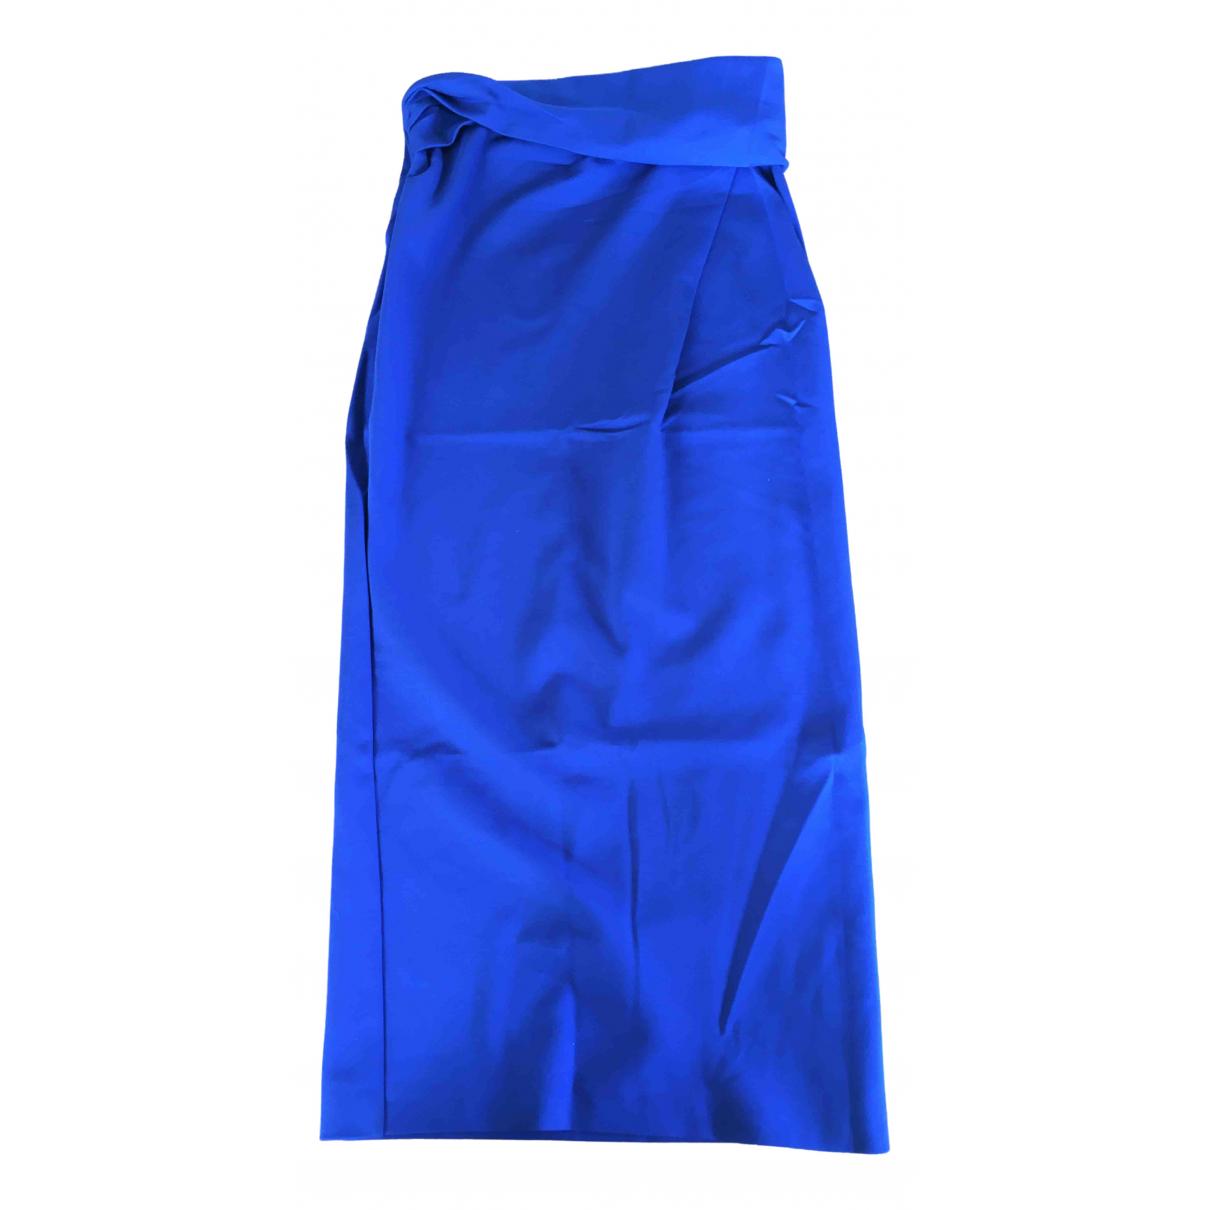 Jil Sander \N Blue dress for Women 34 FR